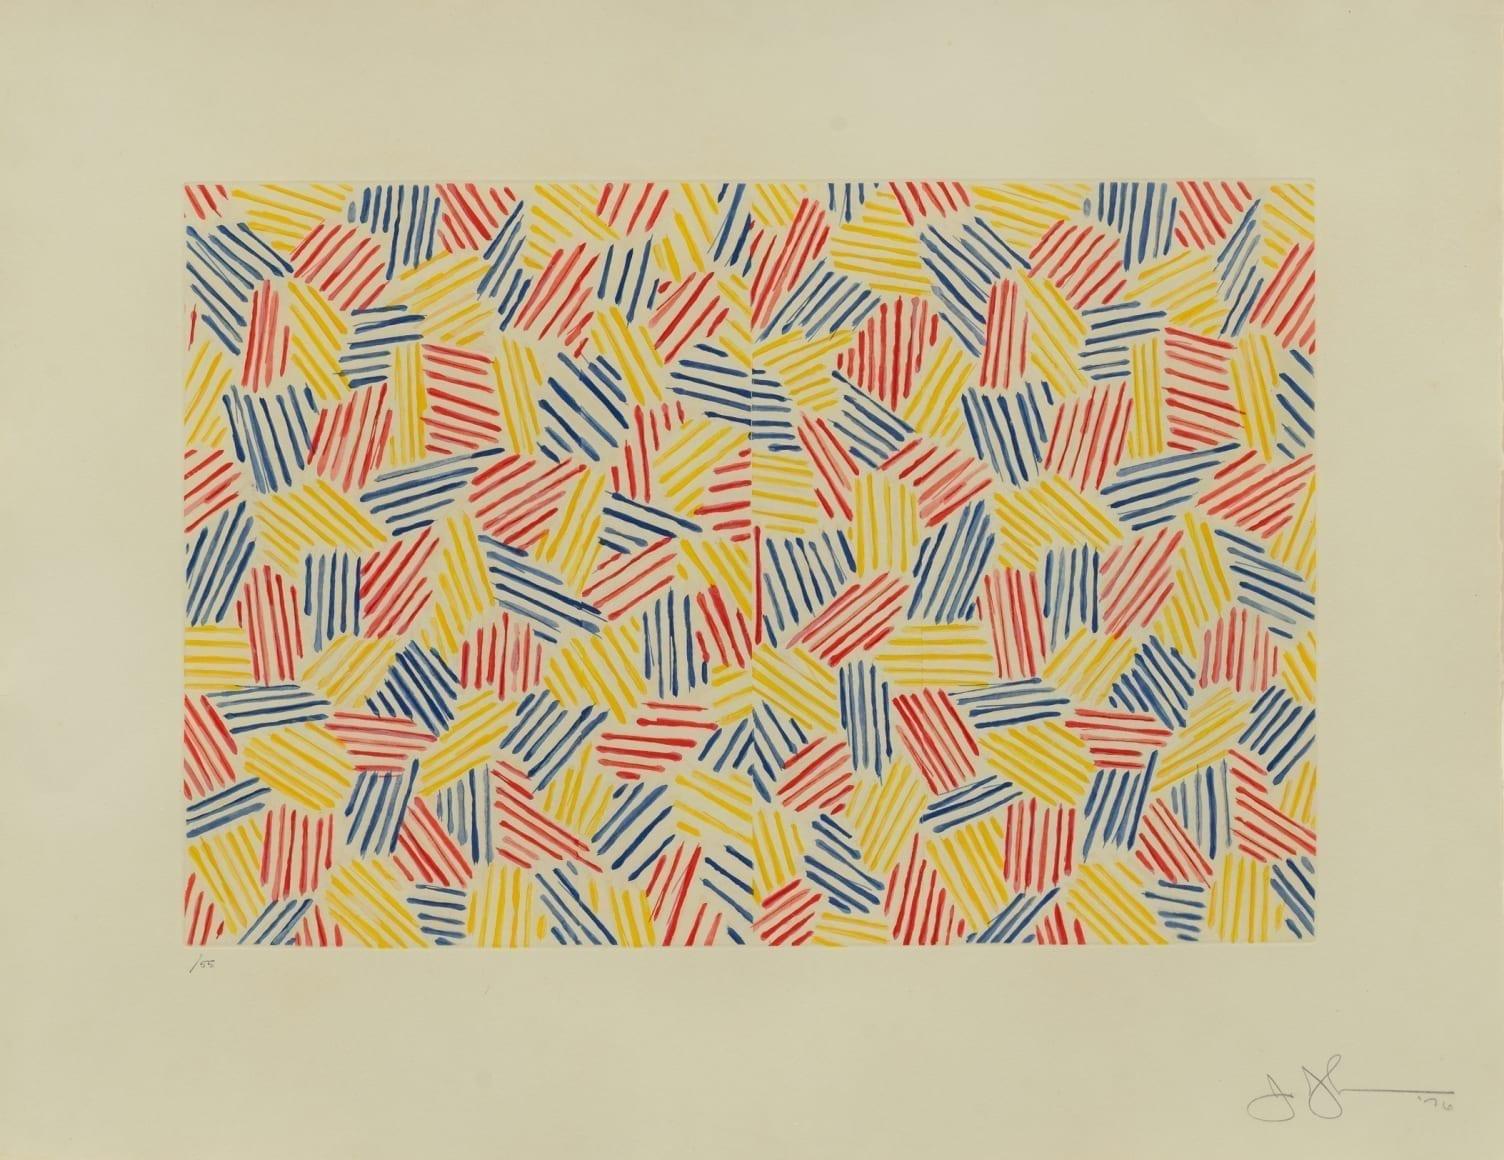 Untitled I, 1976